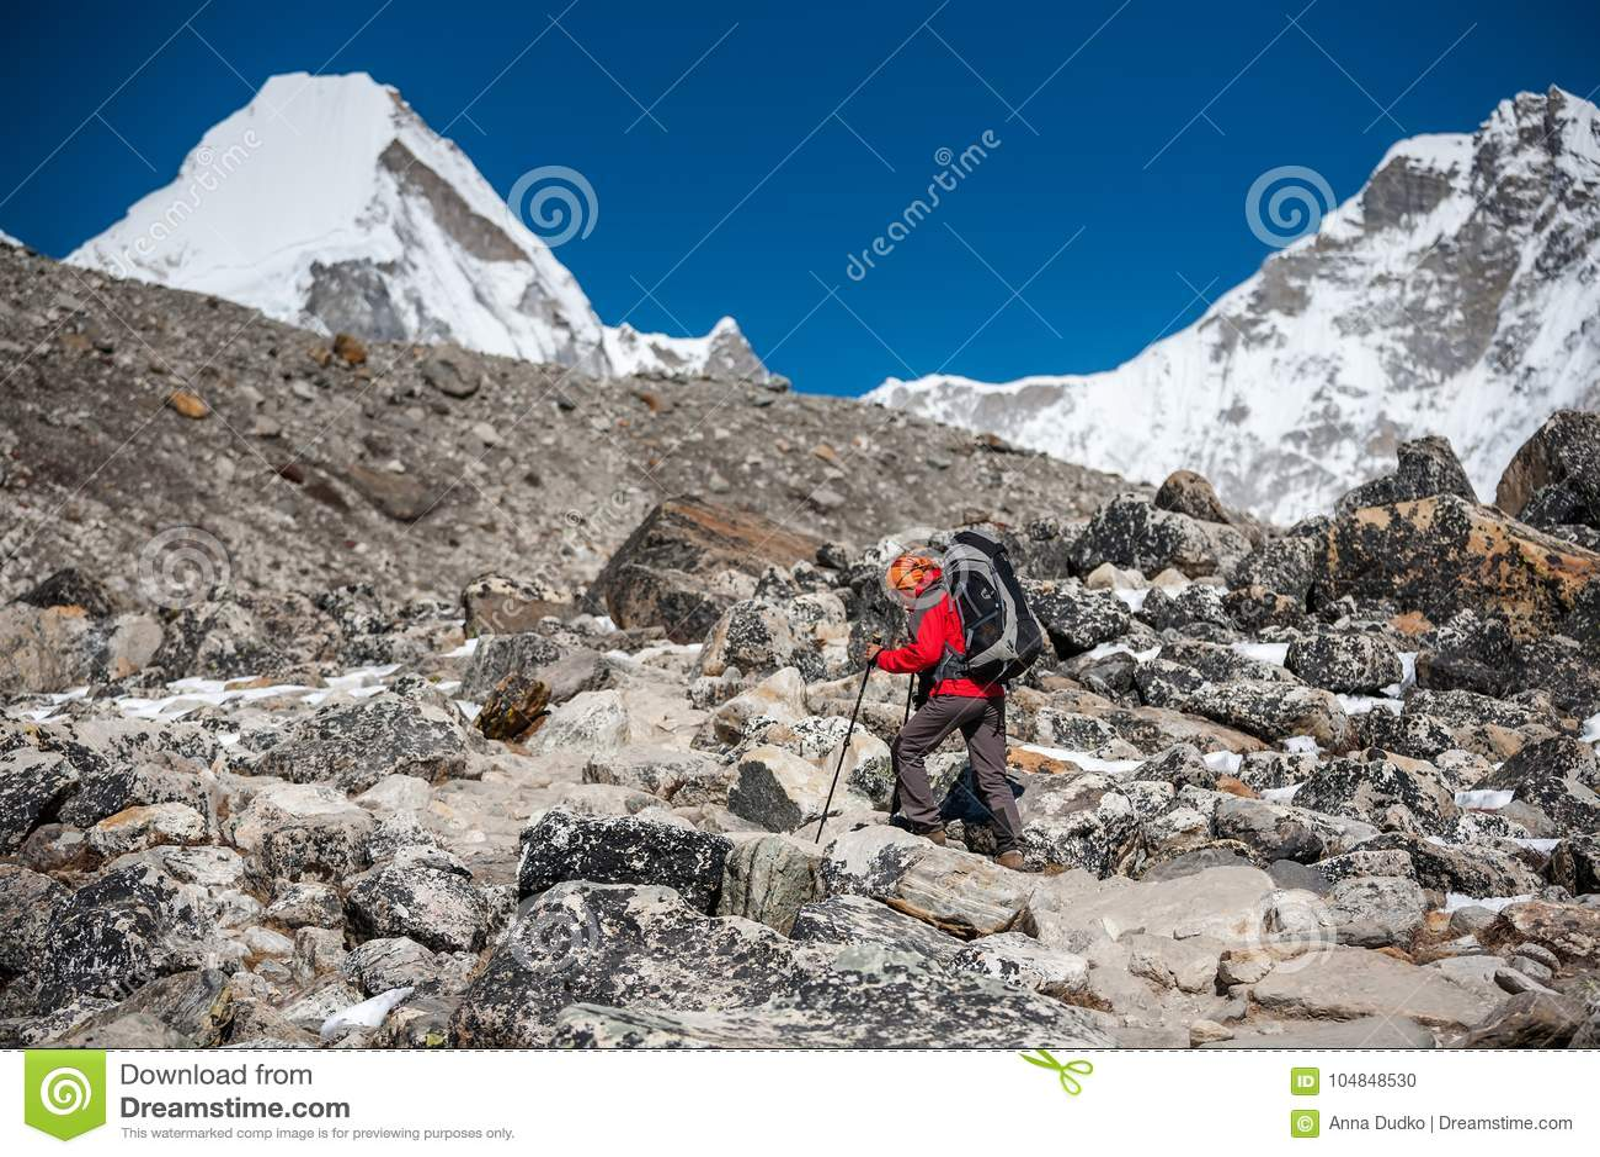 Trekker причаливая горе PumoRi в долине Khumbu на пути к